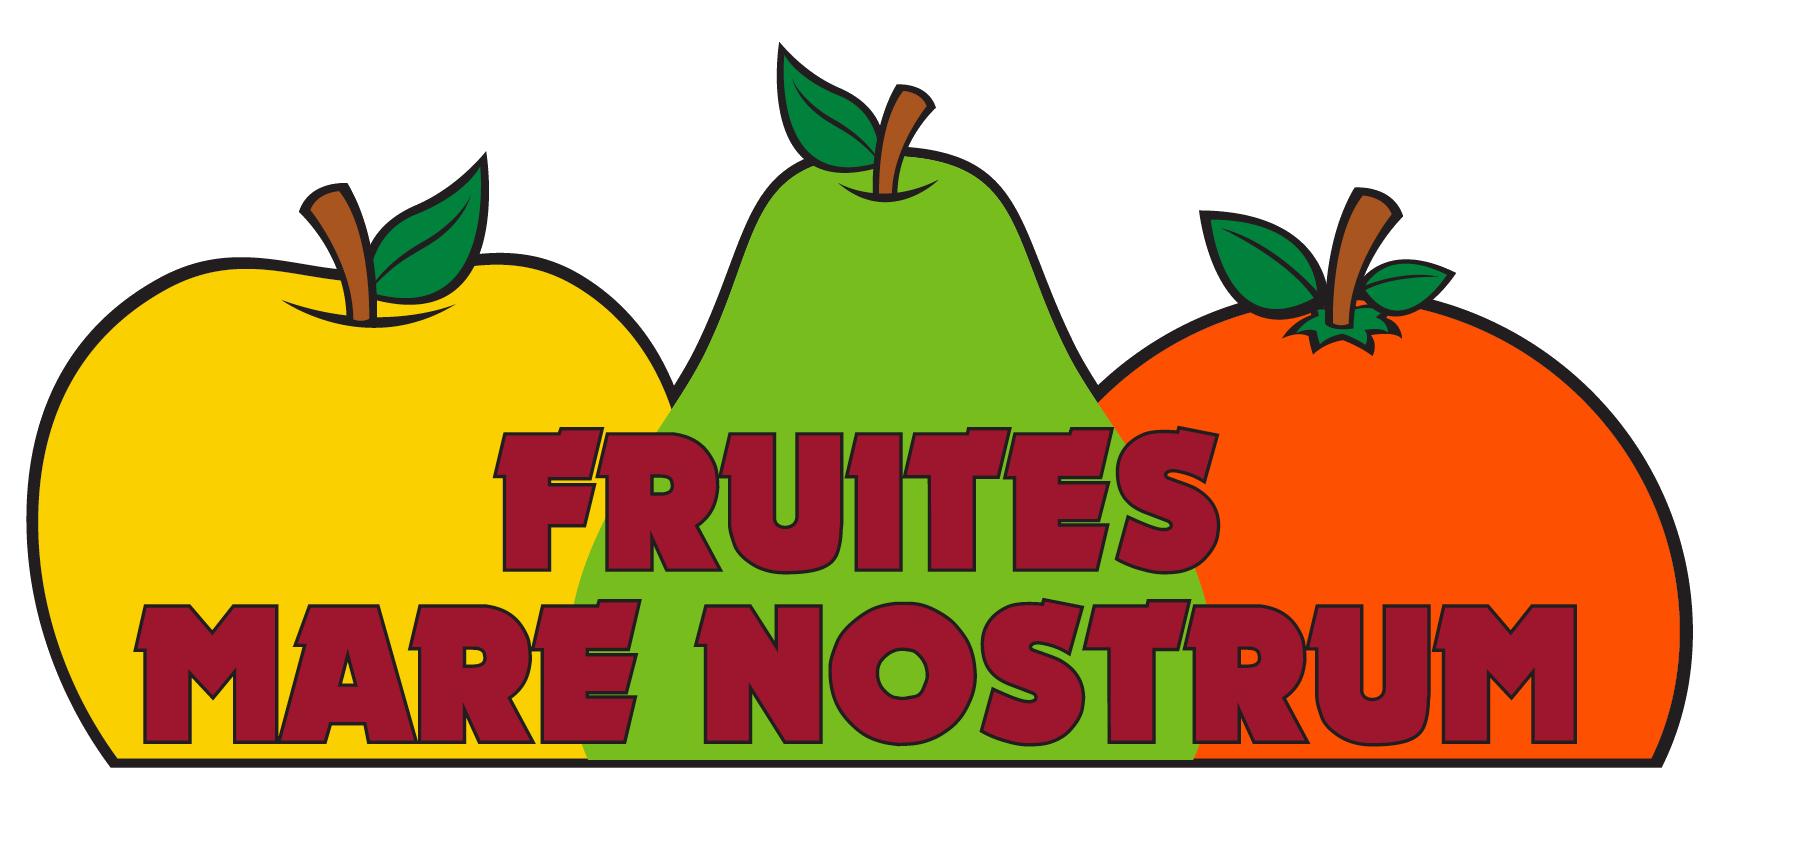 Fruites Mare Nostrum